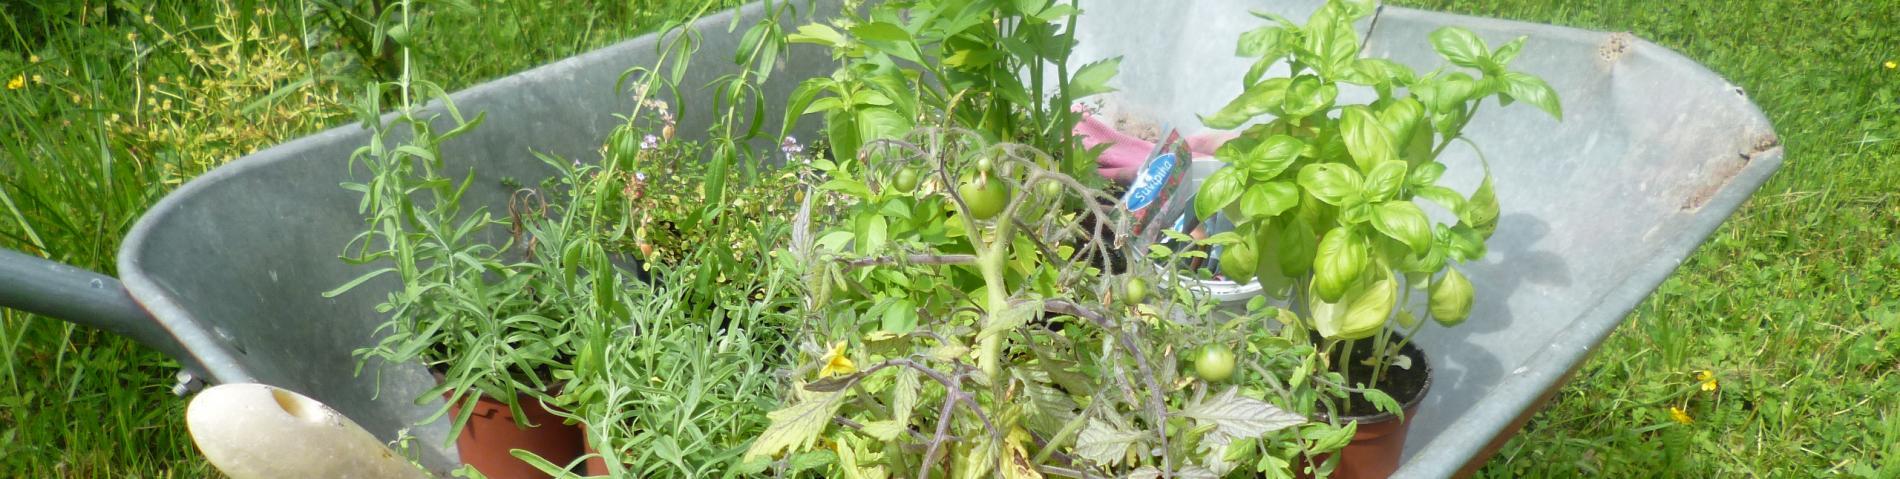 Herb garden in the making